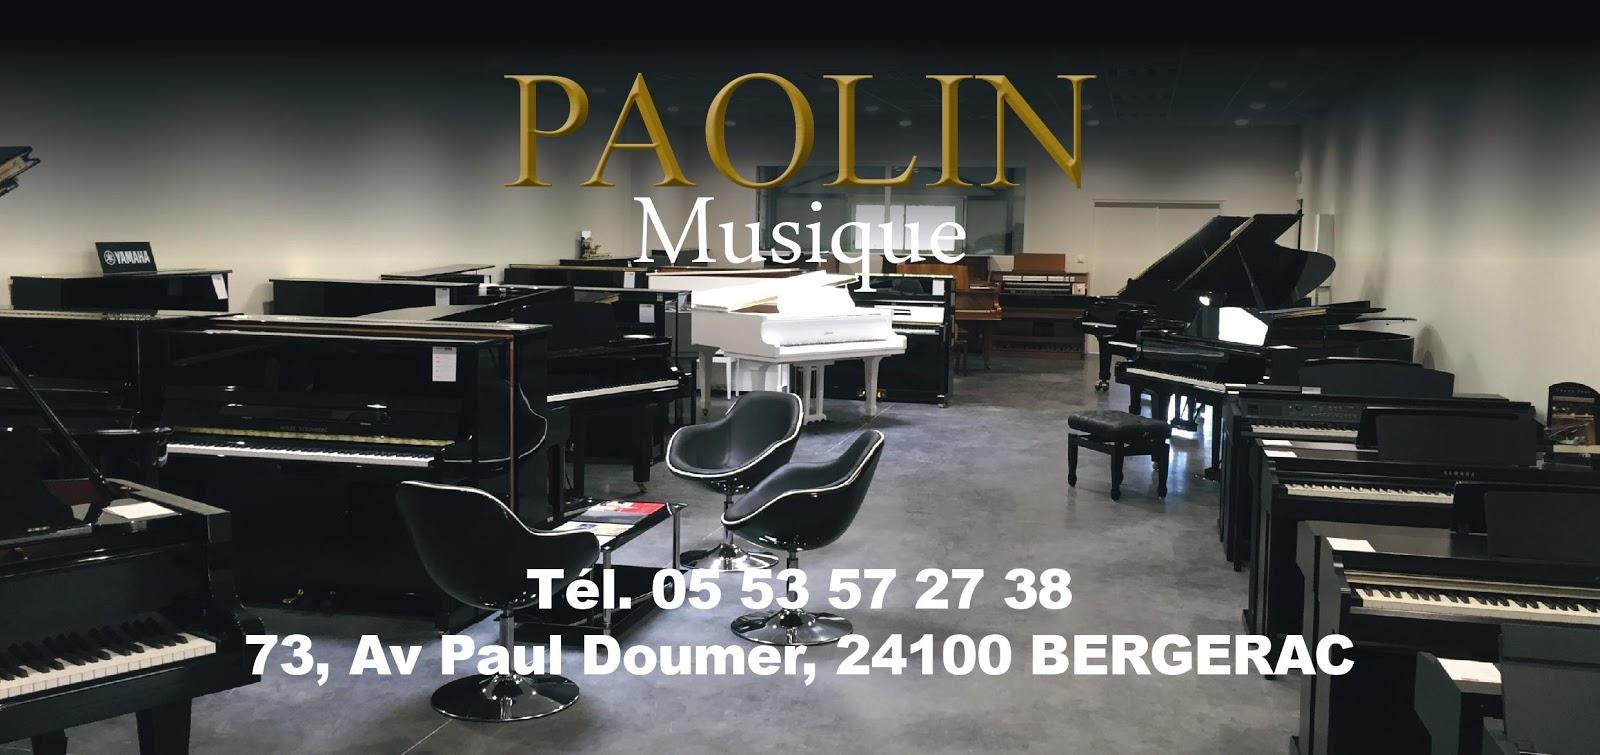 """Résultat de recherche d'images pour """"paolin musique"""""""